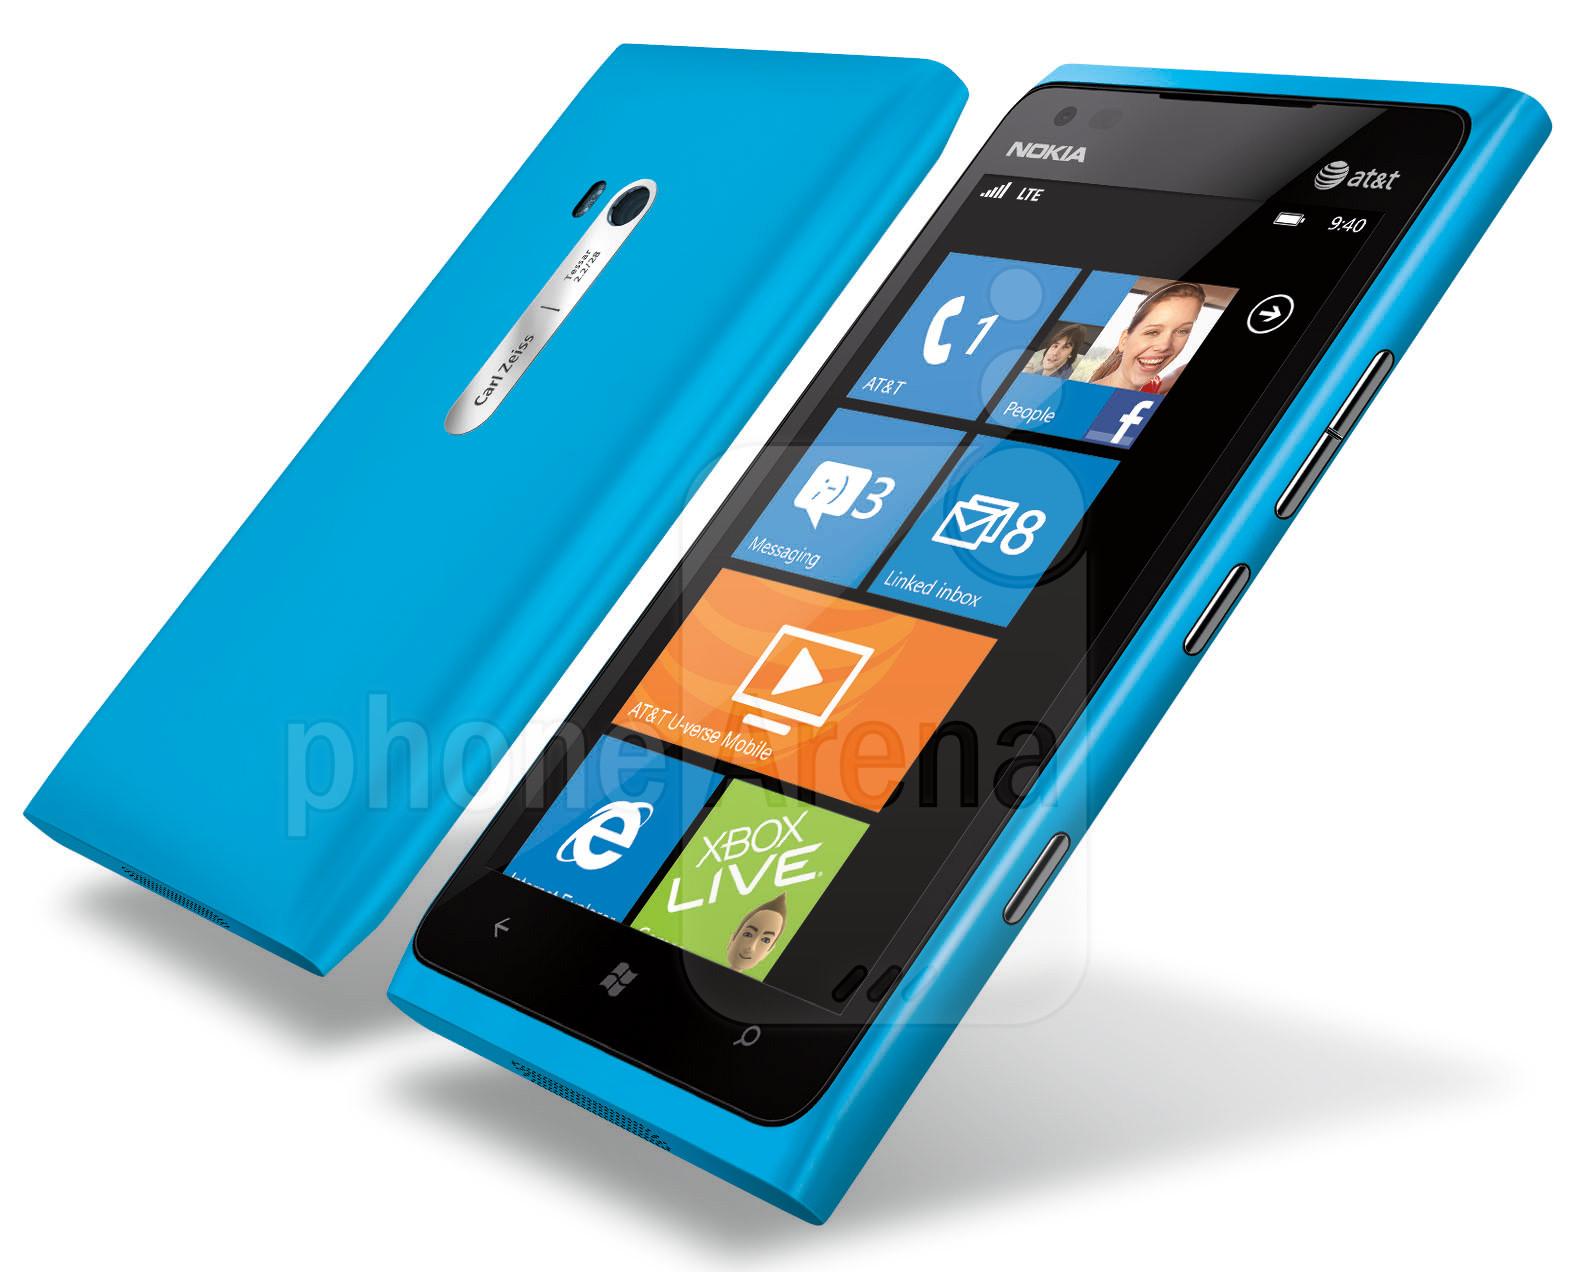 Nokia-lumia-900-video-oynatici